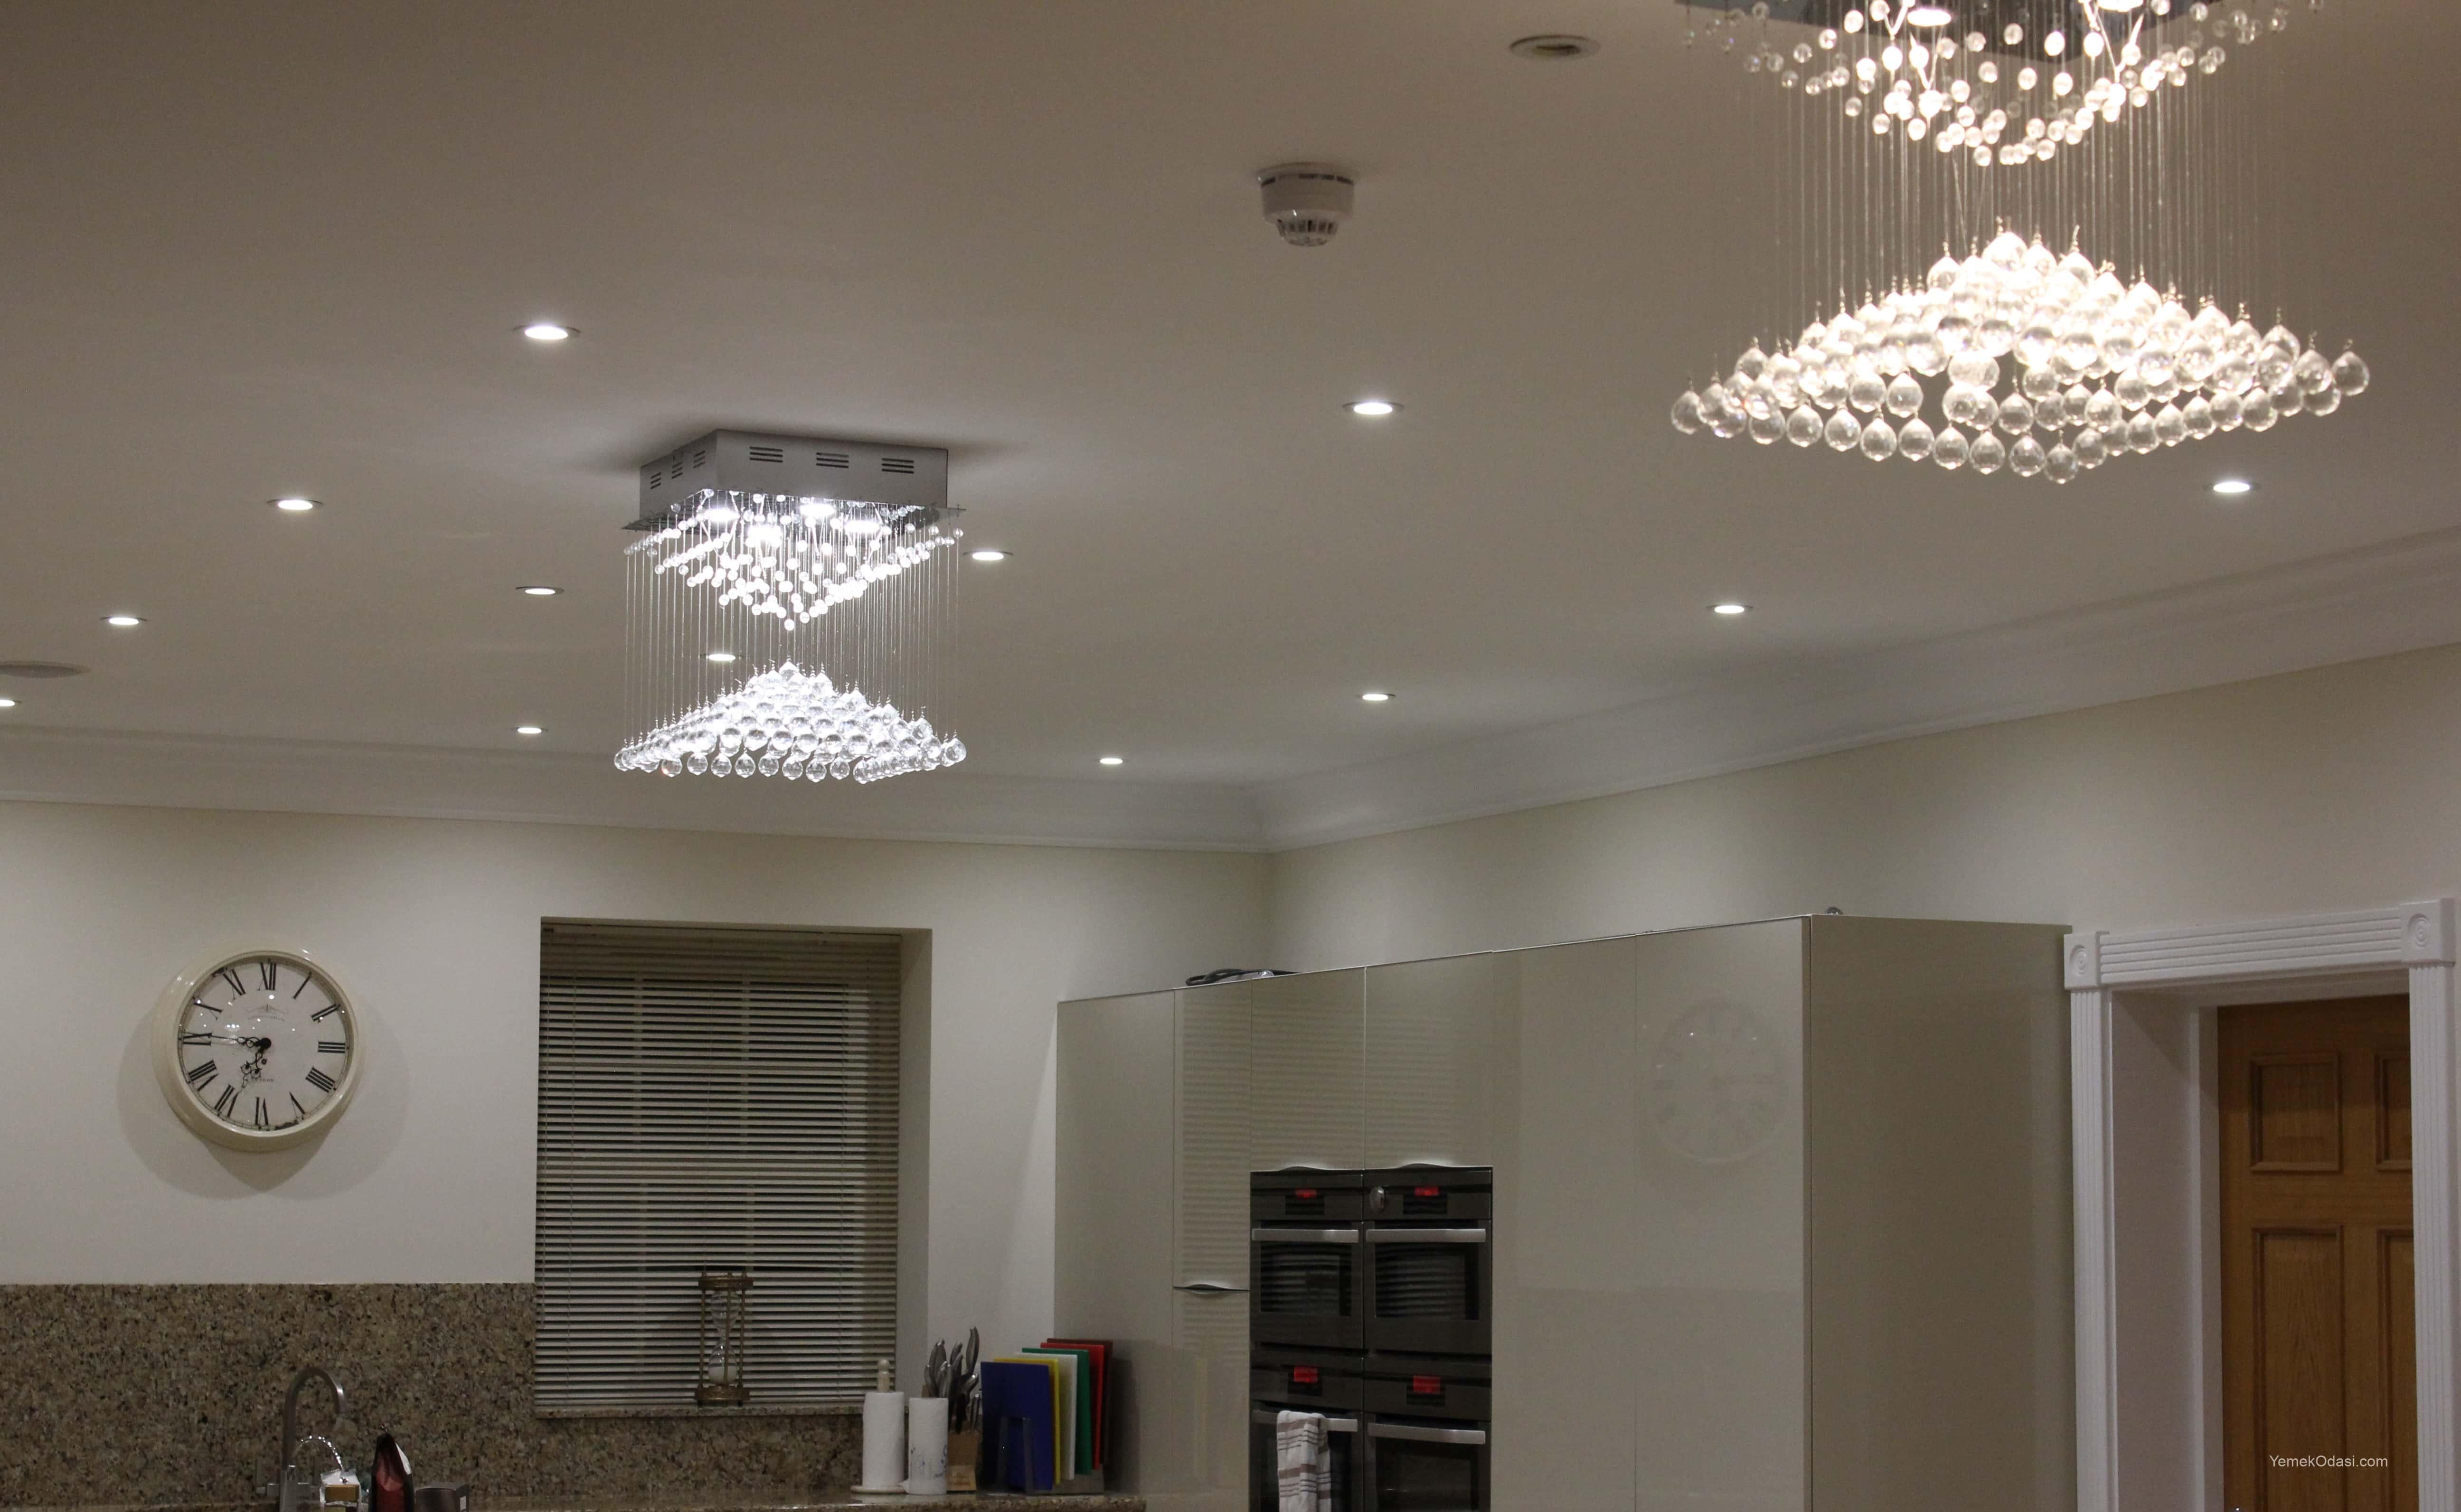 Mutfak aydınlatma